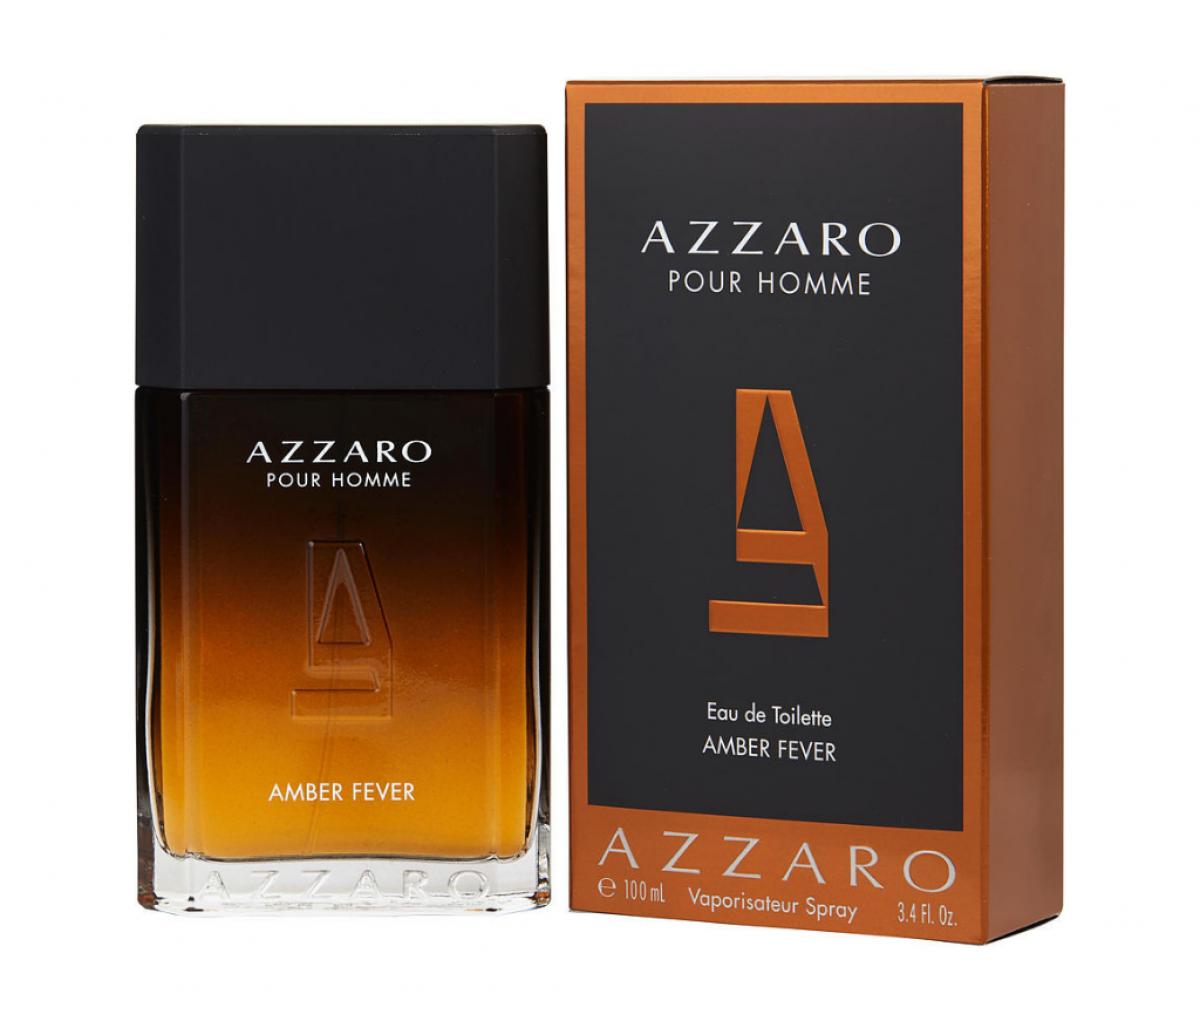 AZZARO POUR HOMME AMBER FEVER EDT 100ML